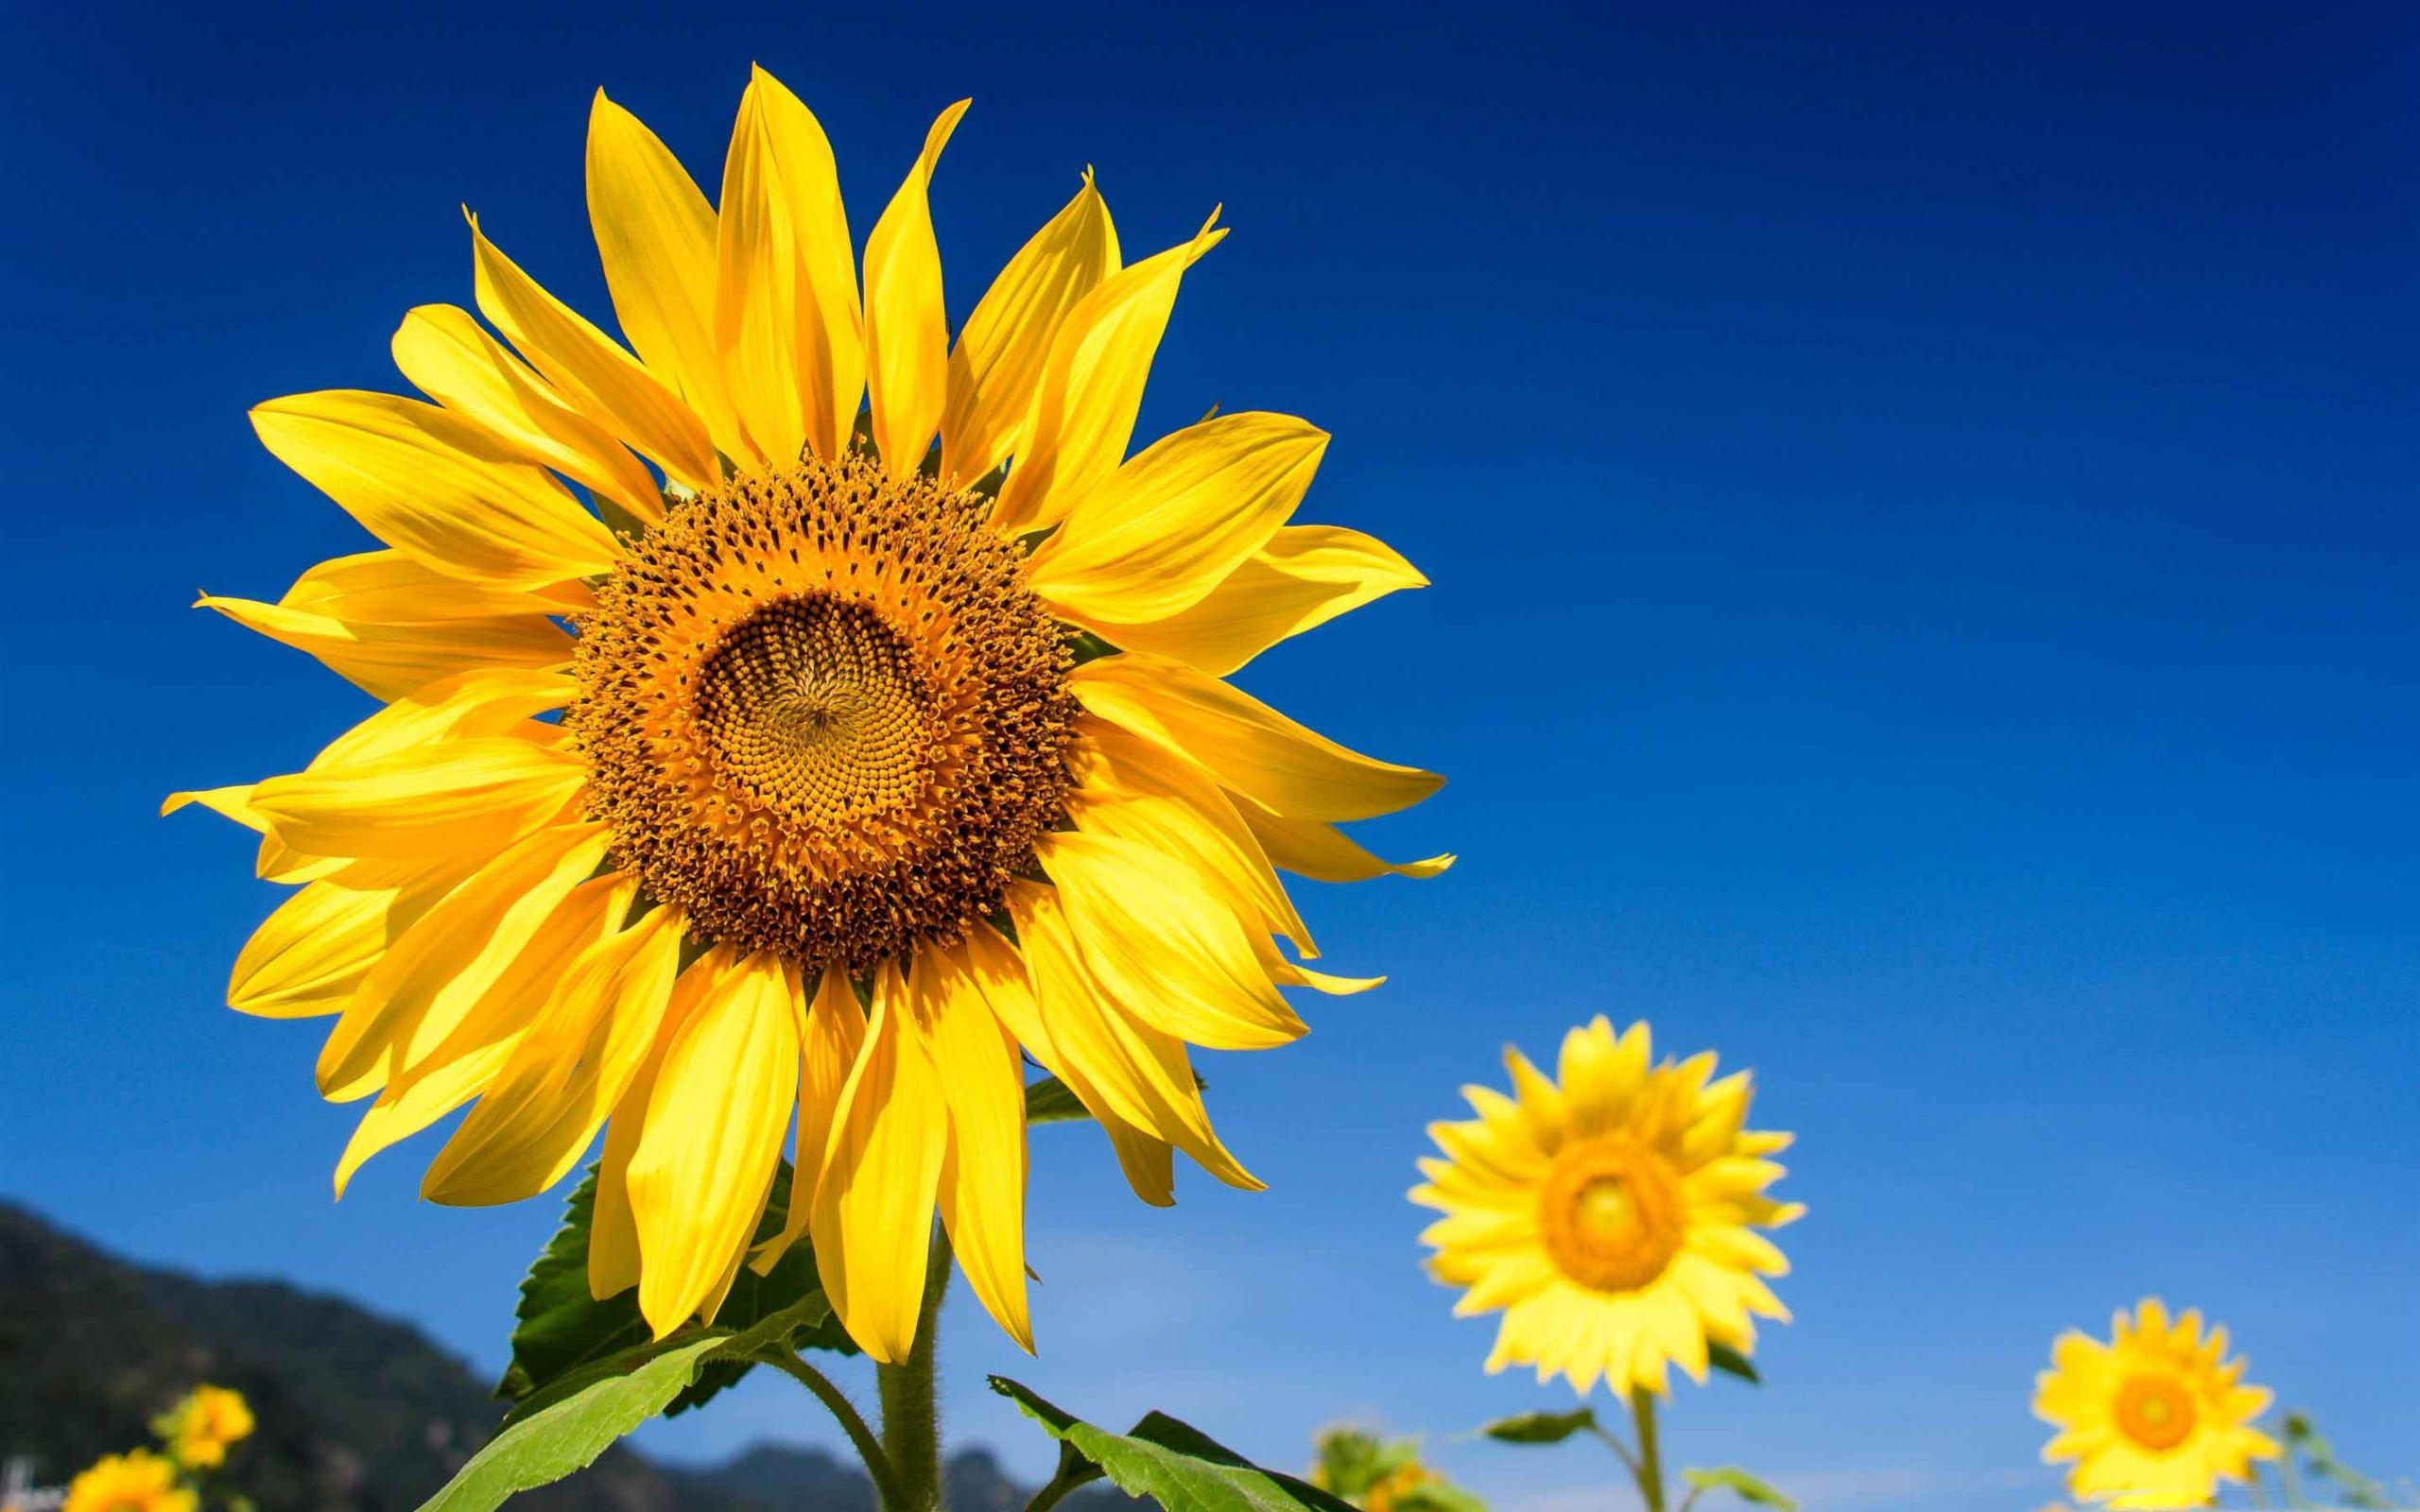 Sunflowers Blue Sky Mac Wallpaper Download | AllMacWallpaper